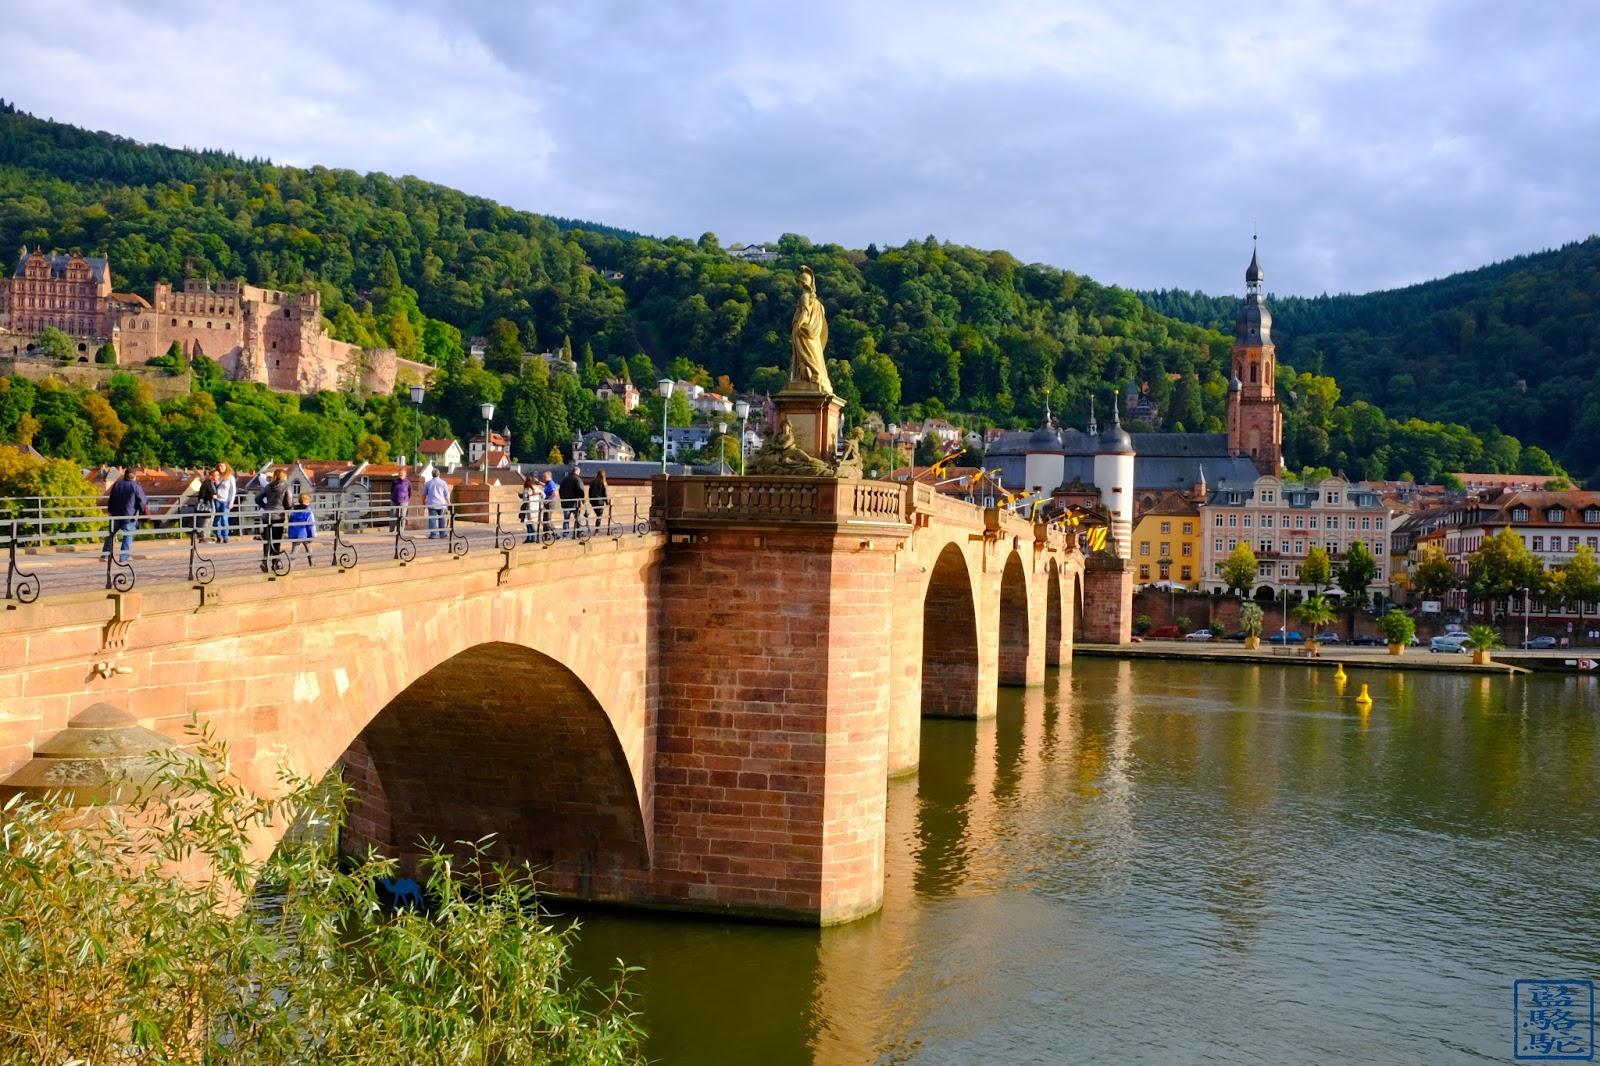 Le Chameau Bleu - Le vieux pont d'Heidelberg